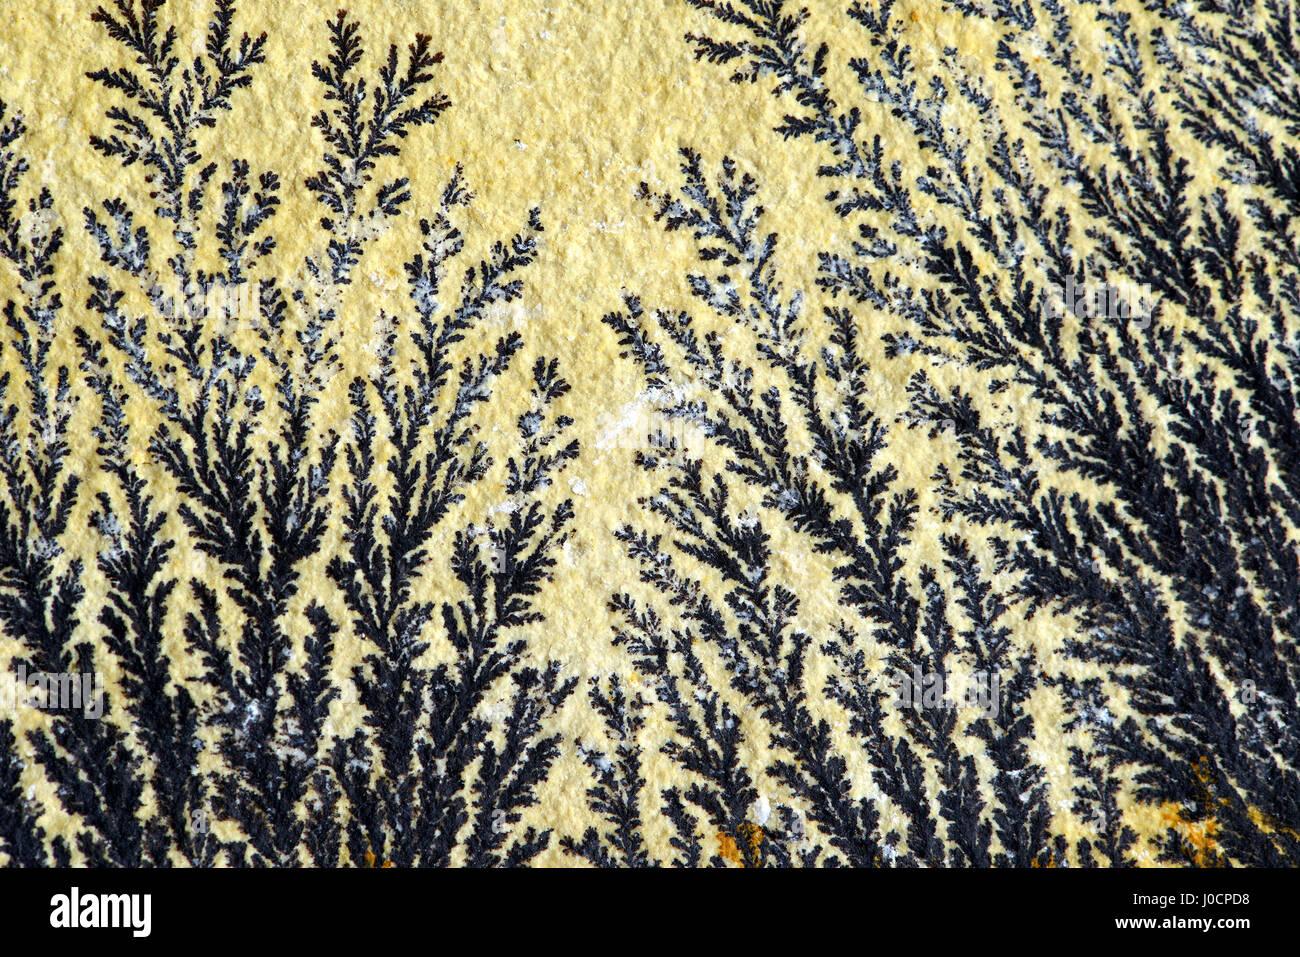 Dendrite en roche calcaire. trouvé dans la solnhofen (Allemagne) Photo Stock